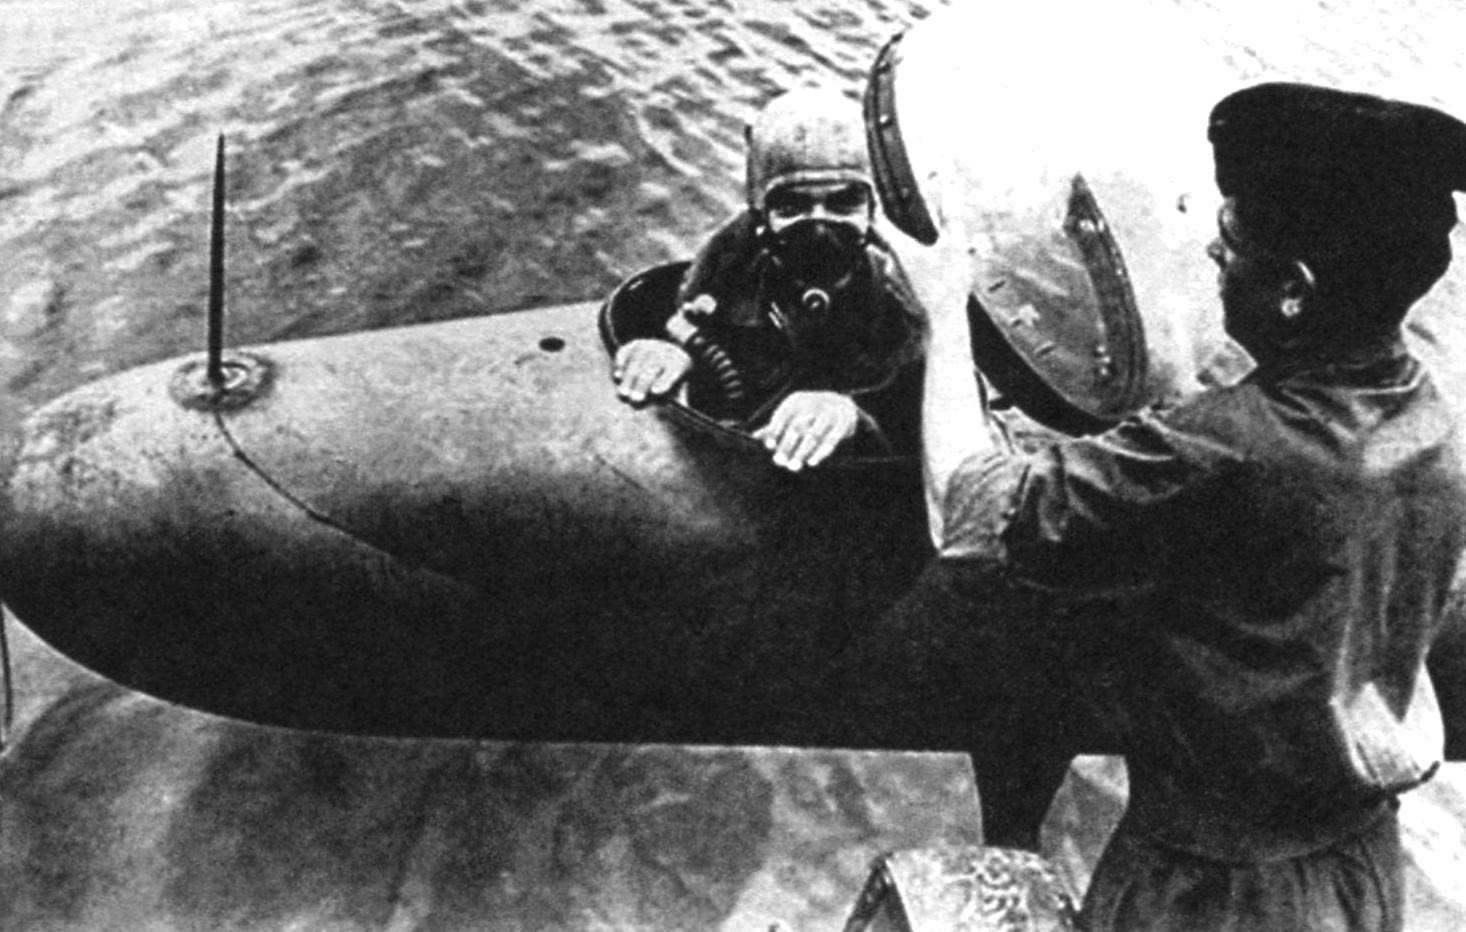 Механик помогает закрыть купол торпеды Neger. Хорошо виден штырь, приваренный в качестве прицела